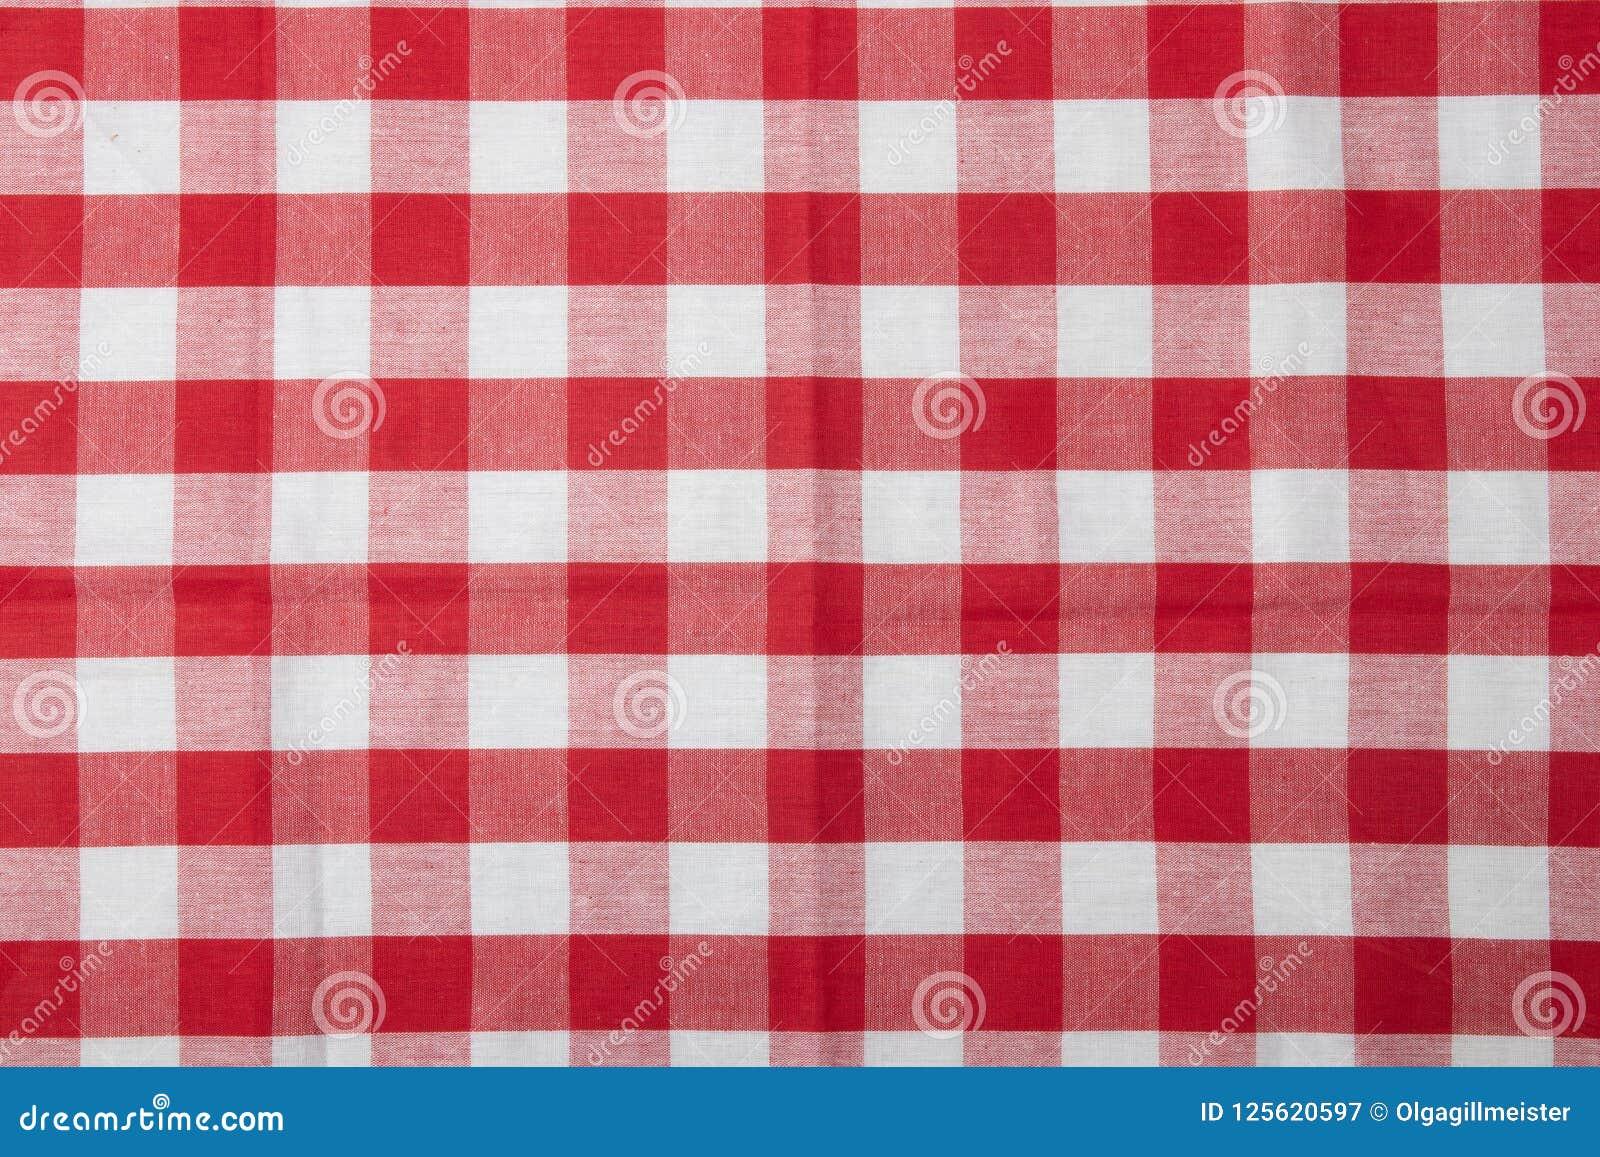 Serviette à Carreaux Rouge Et Blanche Accessoires De Cuisine ...